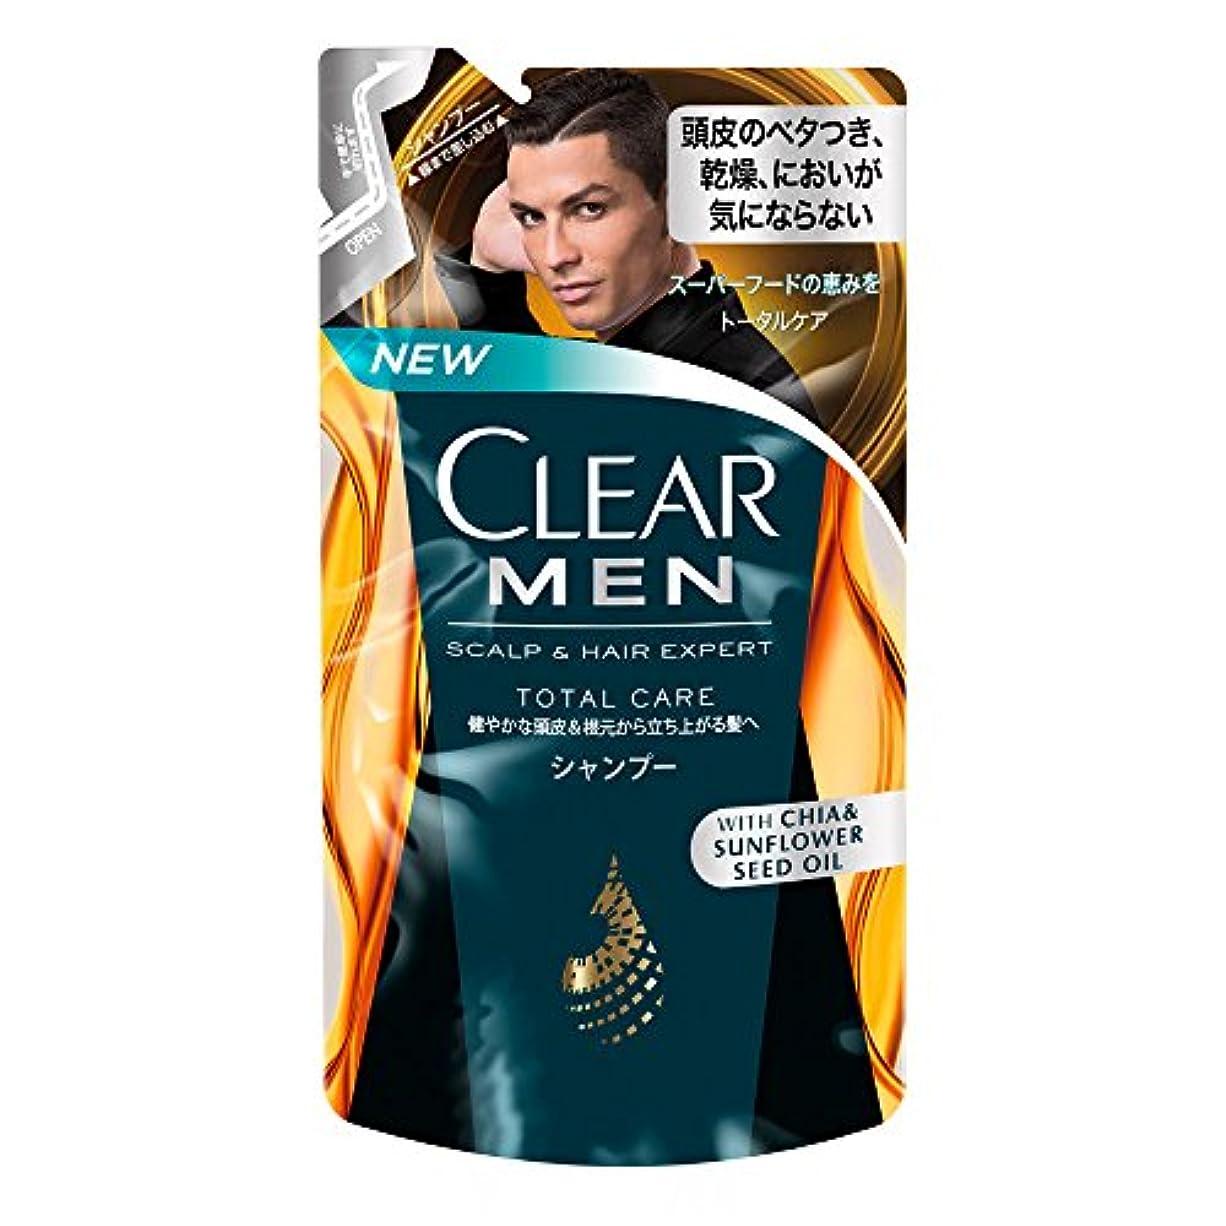 原理極貧集中的なクリア フォーメン トータルケア 男性用シャンプー つめかえ用 (健やかな頭皮へ) 280g